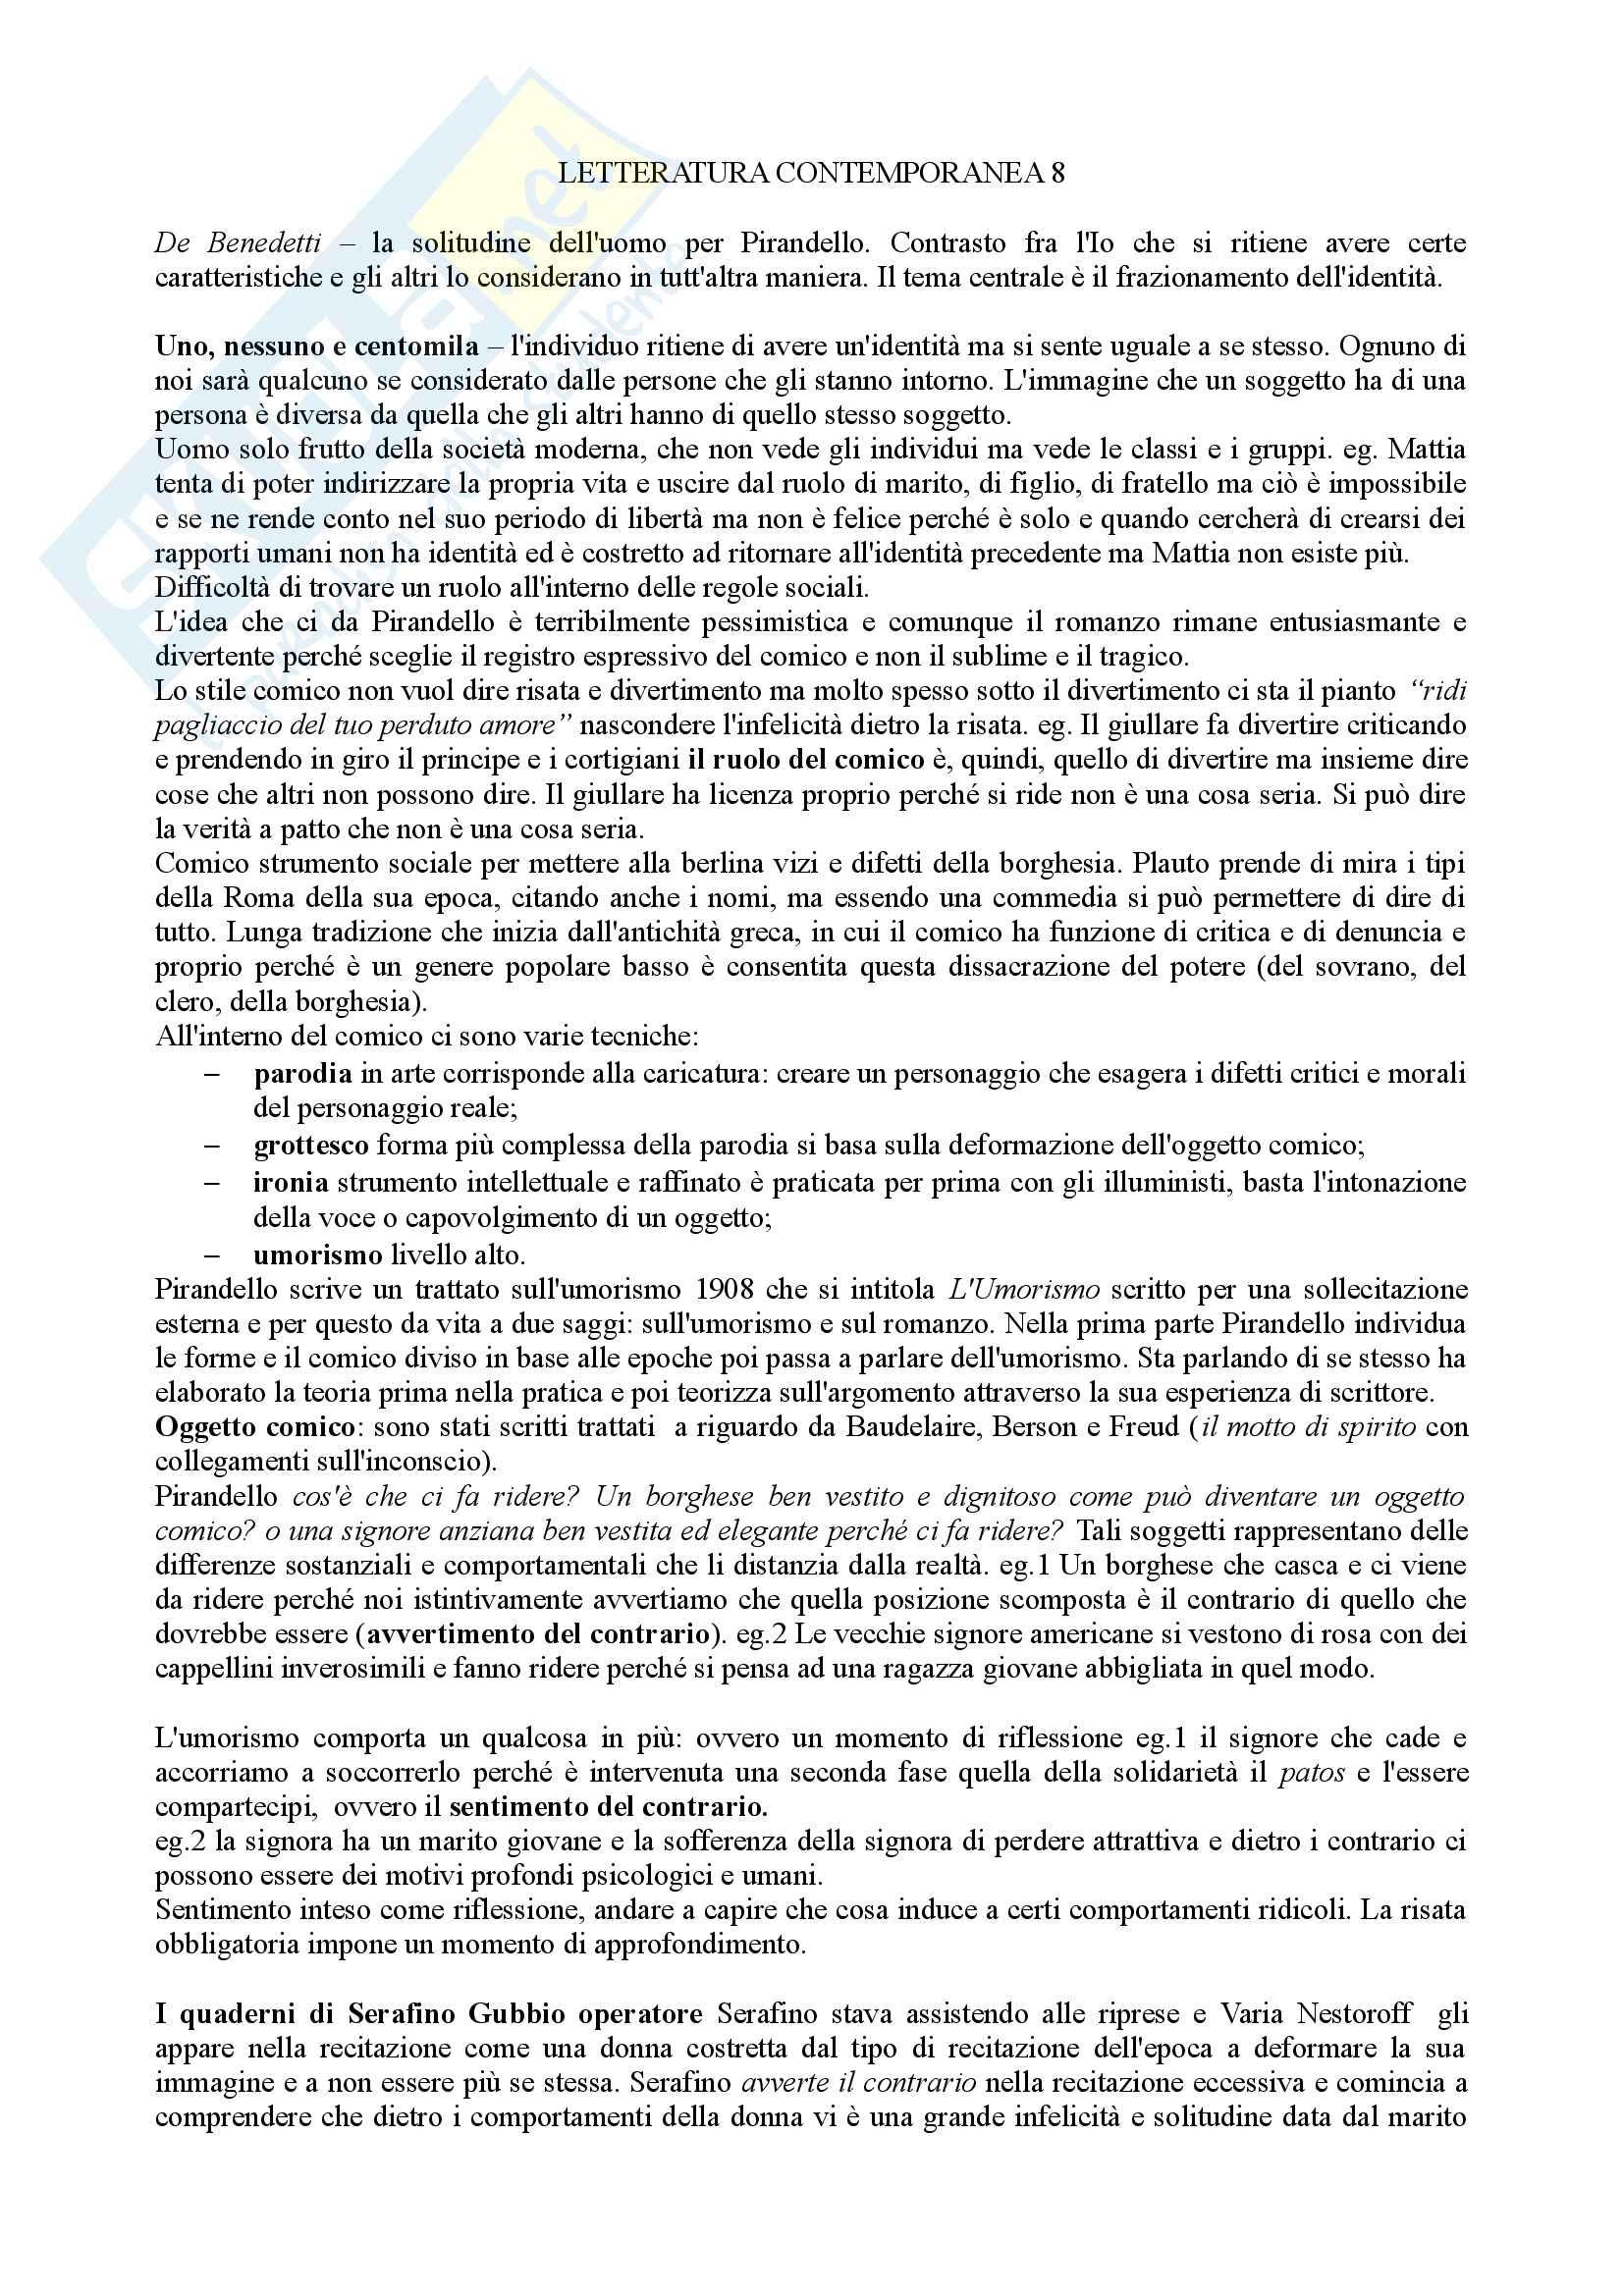 Letteratura Italiana Contemporanea Pag. 16